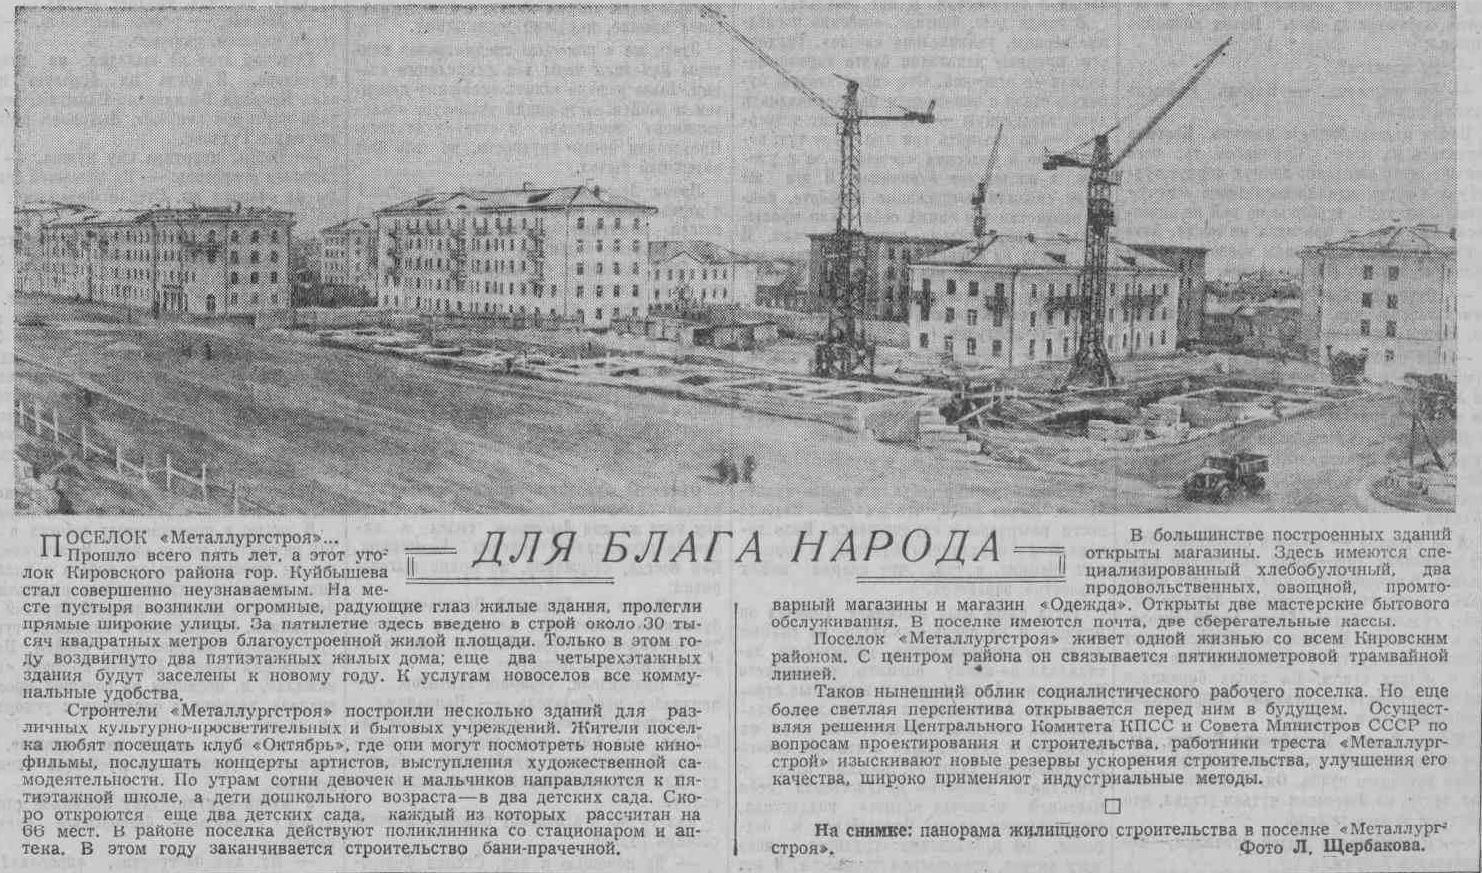 ФОТО-20-Металлургов-ВКа-1955-12-02-застройка Металлурга